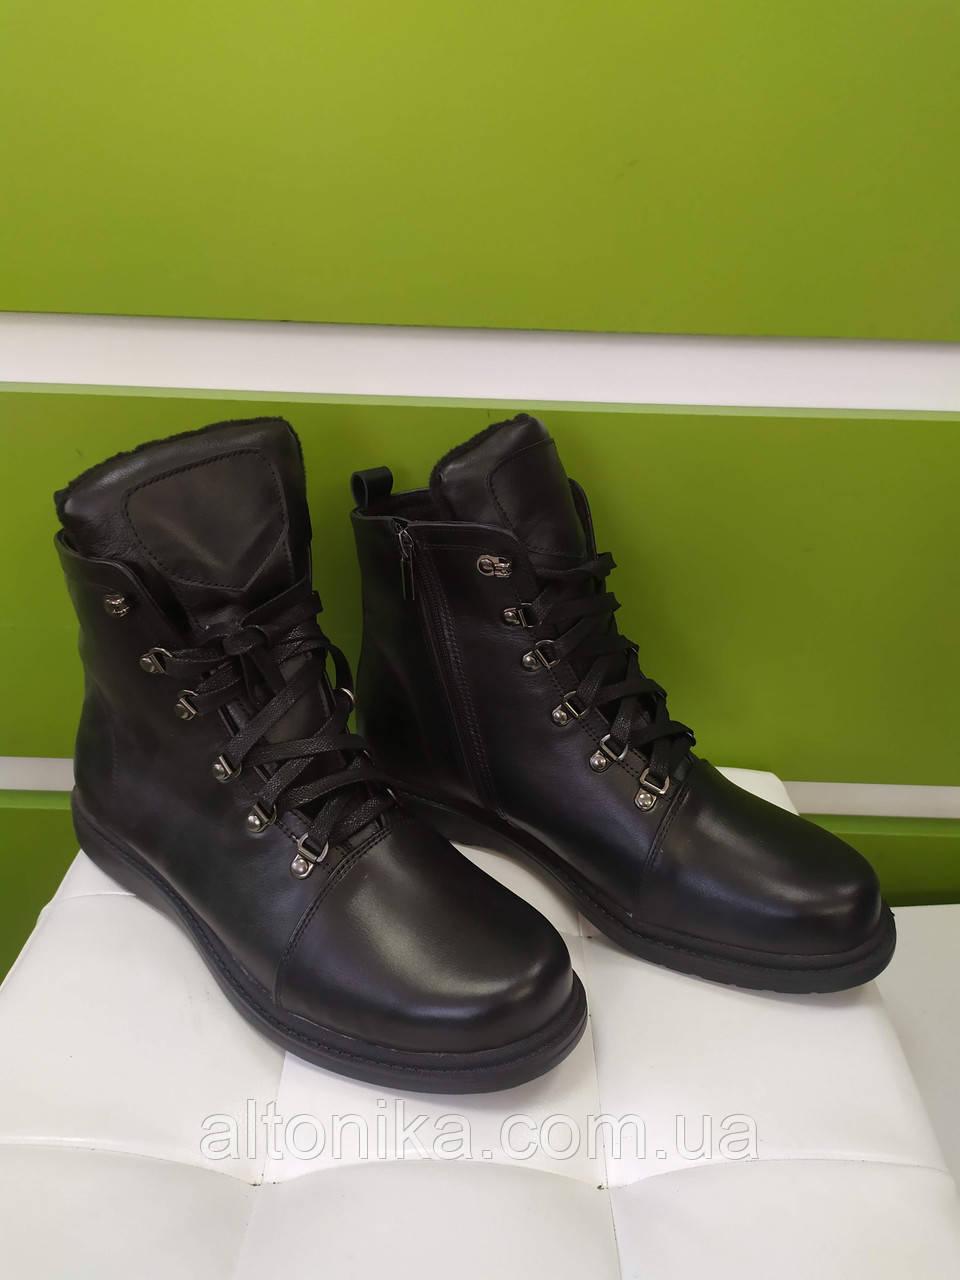 STTOPA деми зима. Размеры 41-44. Ботинки кожаные больших размеров. С9-66-4144-25-3344 Черные